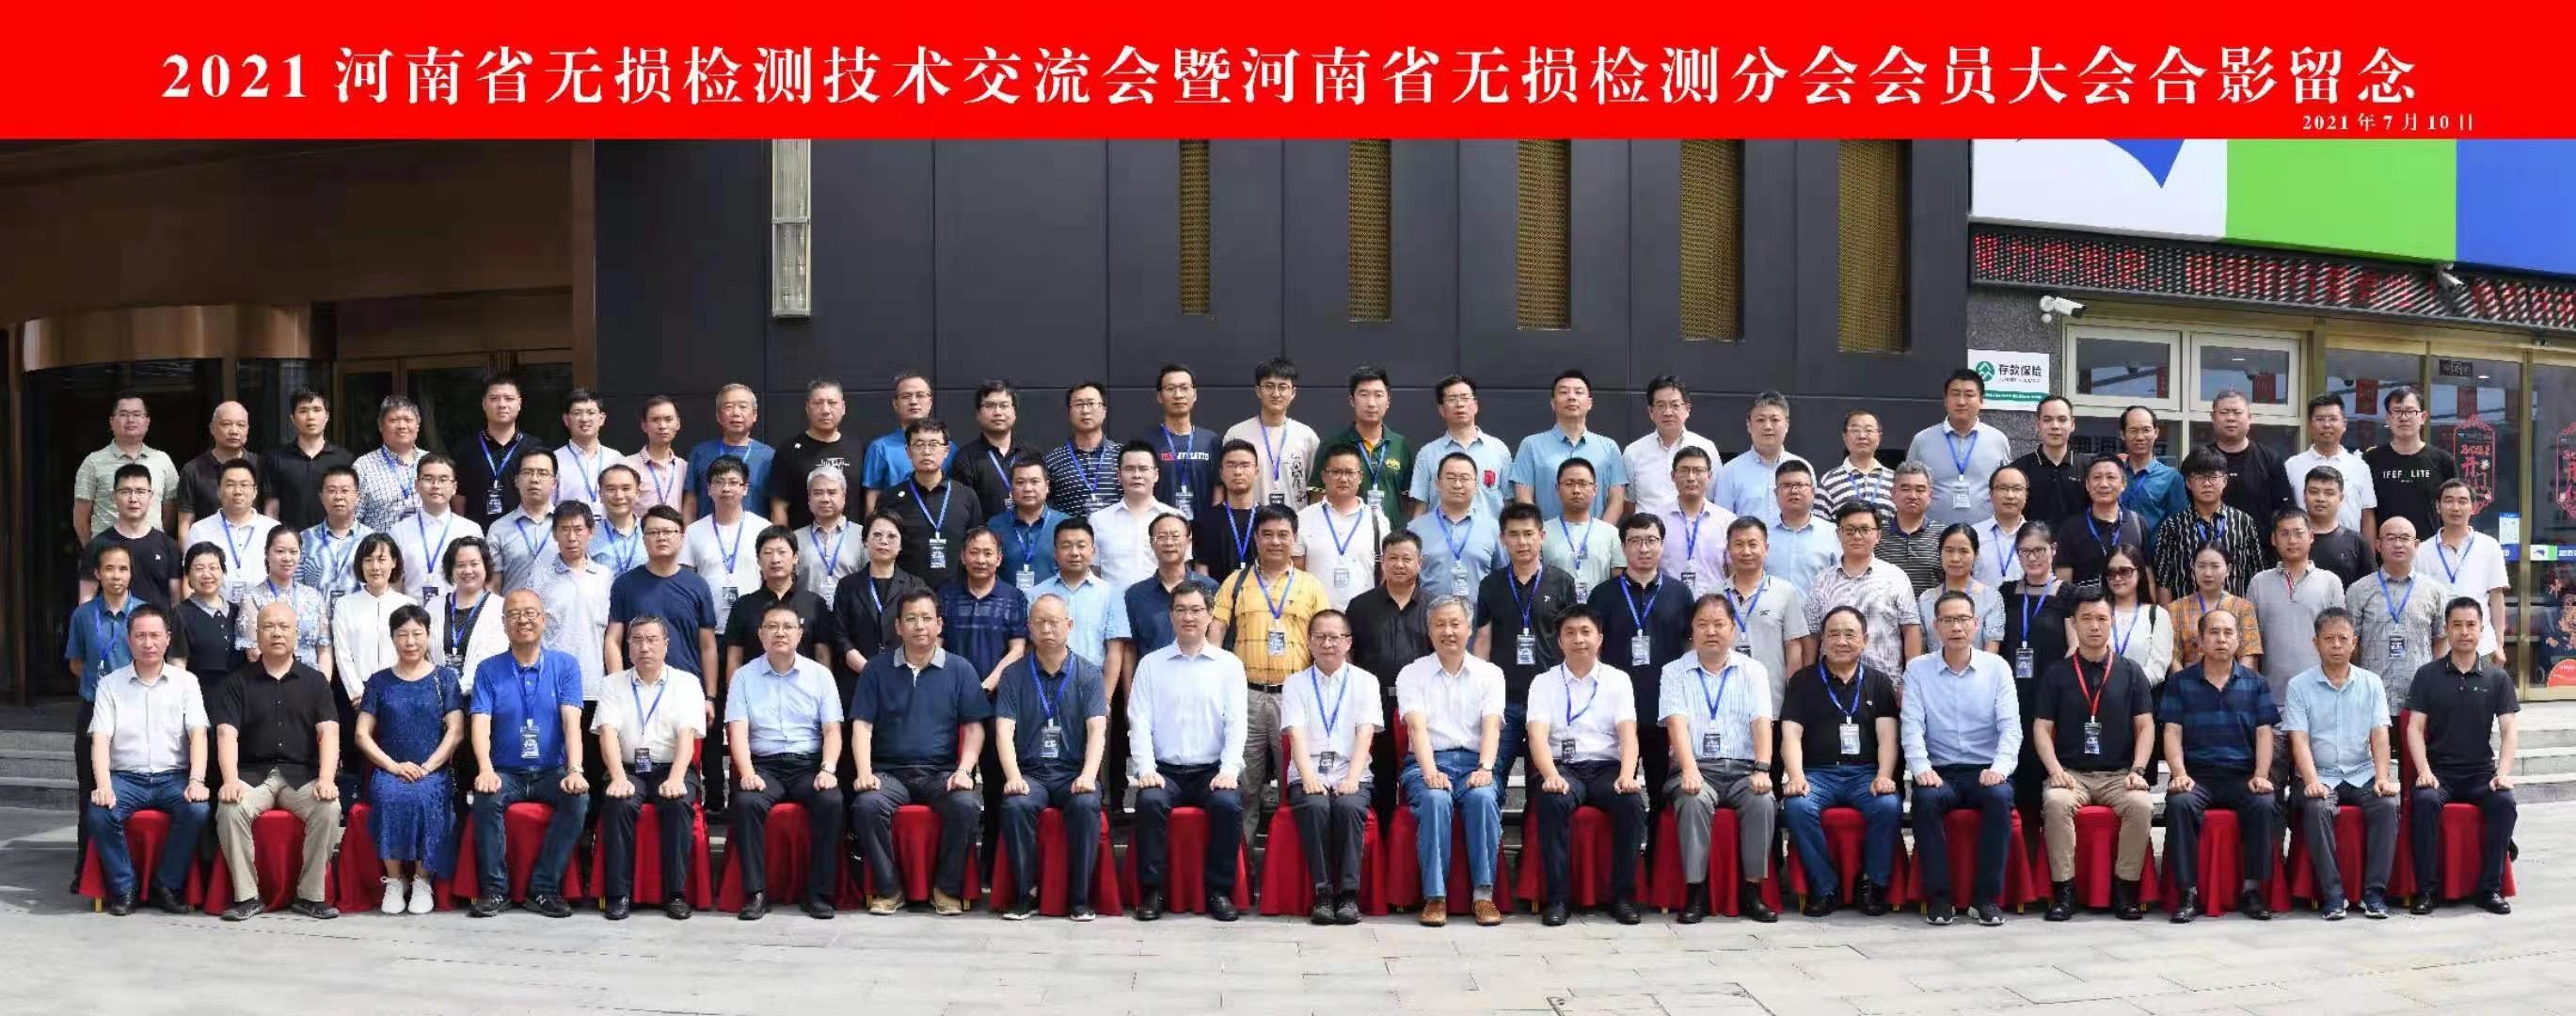 我司受邀参加2021 河南省无损检测技术交流会